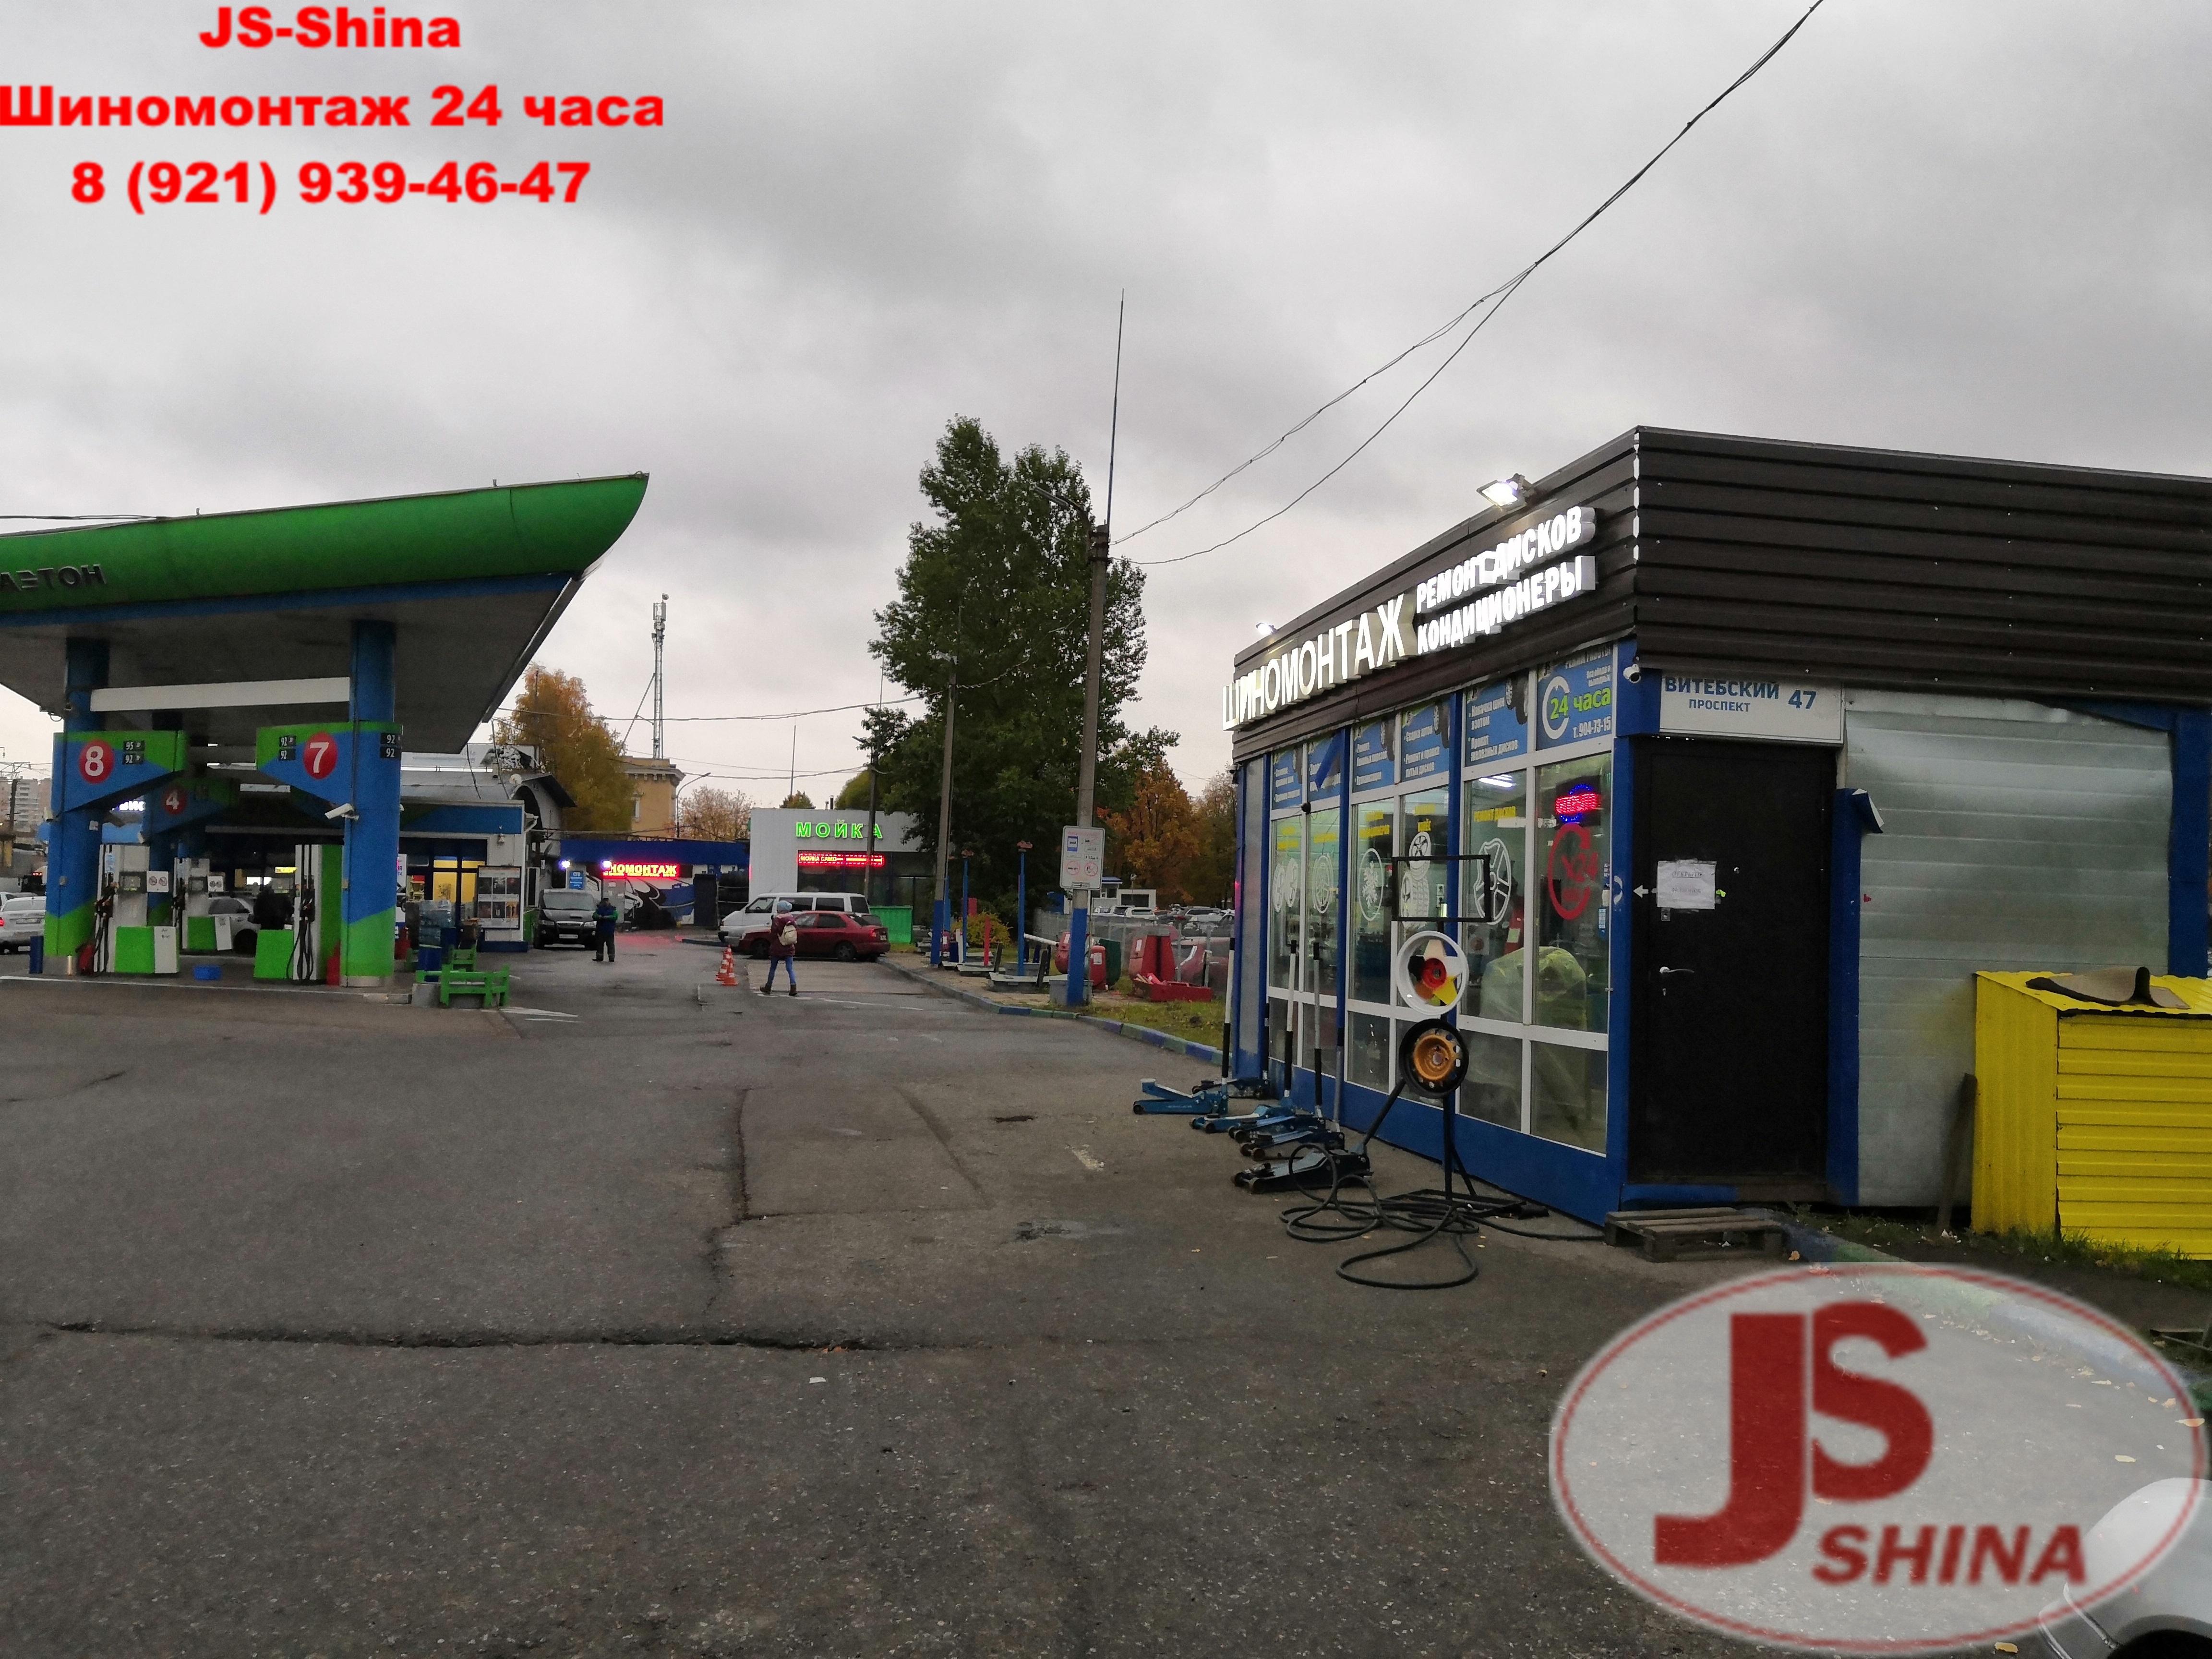 Шиномонтаж 24 СПб, Витебский проспект 47а